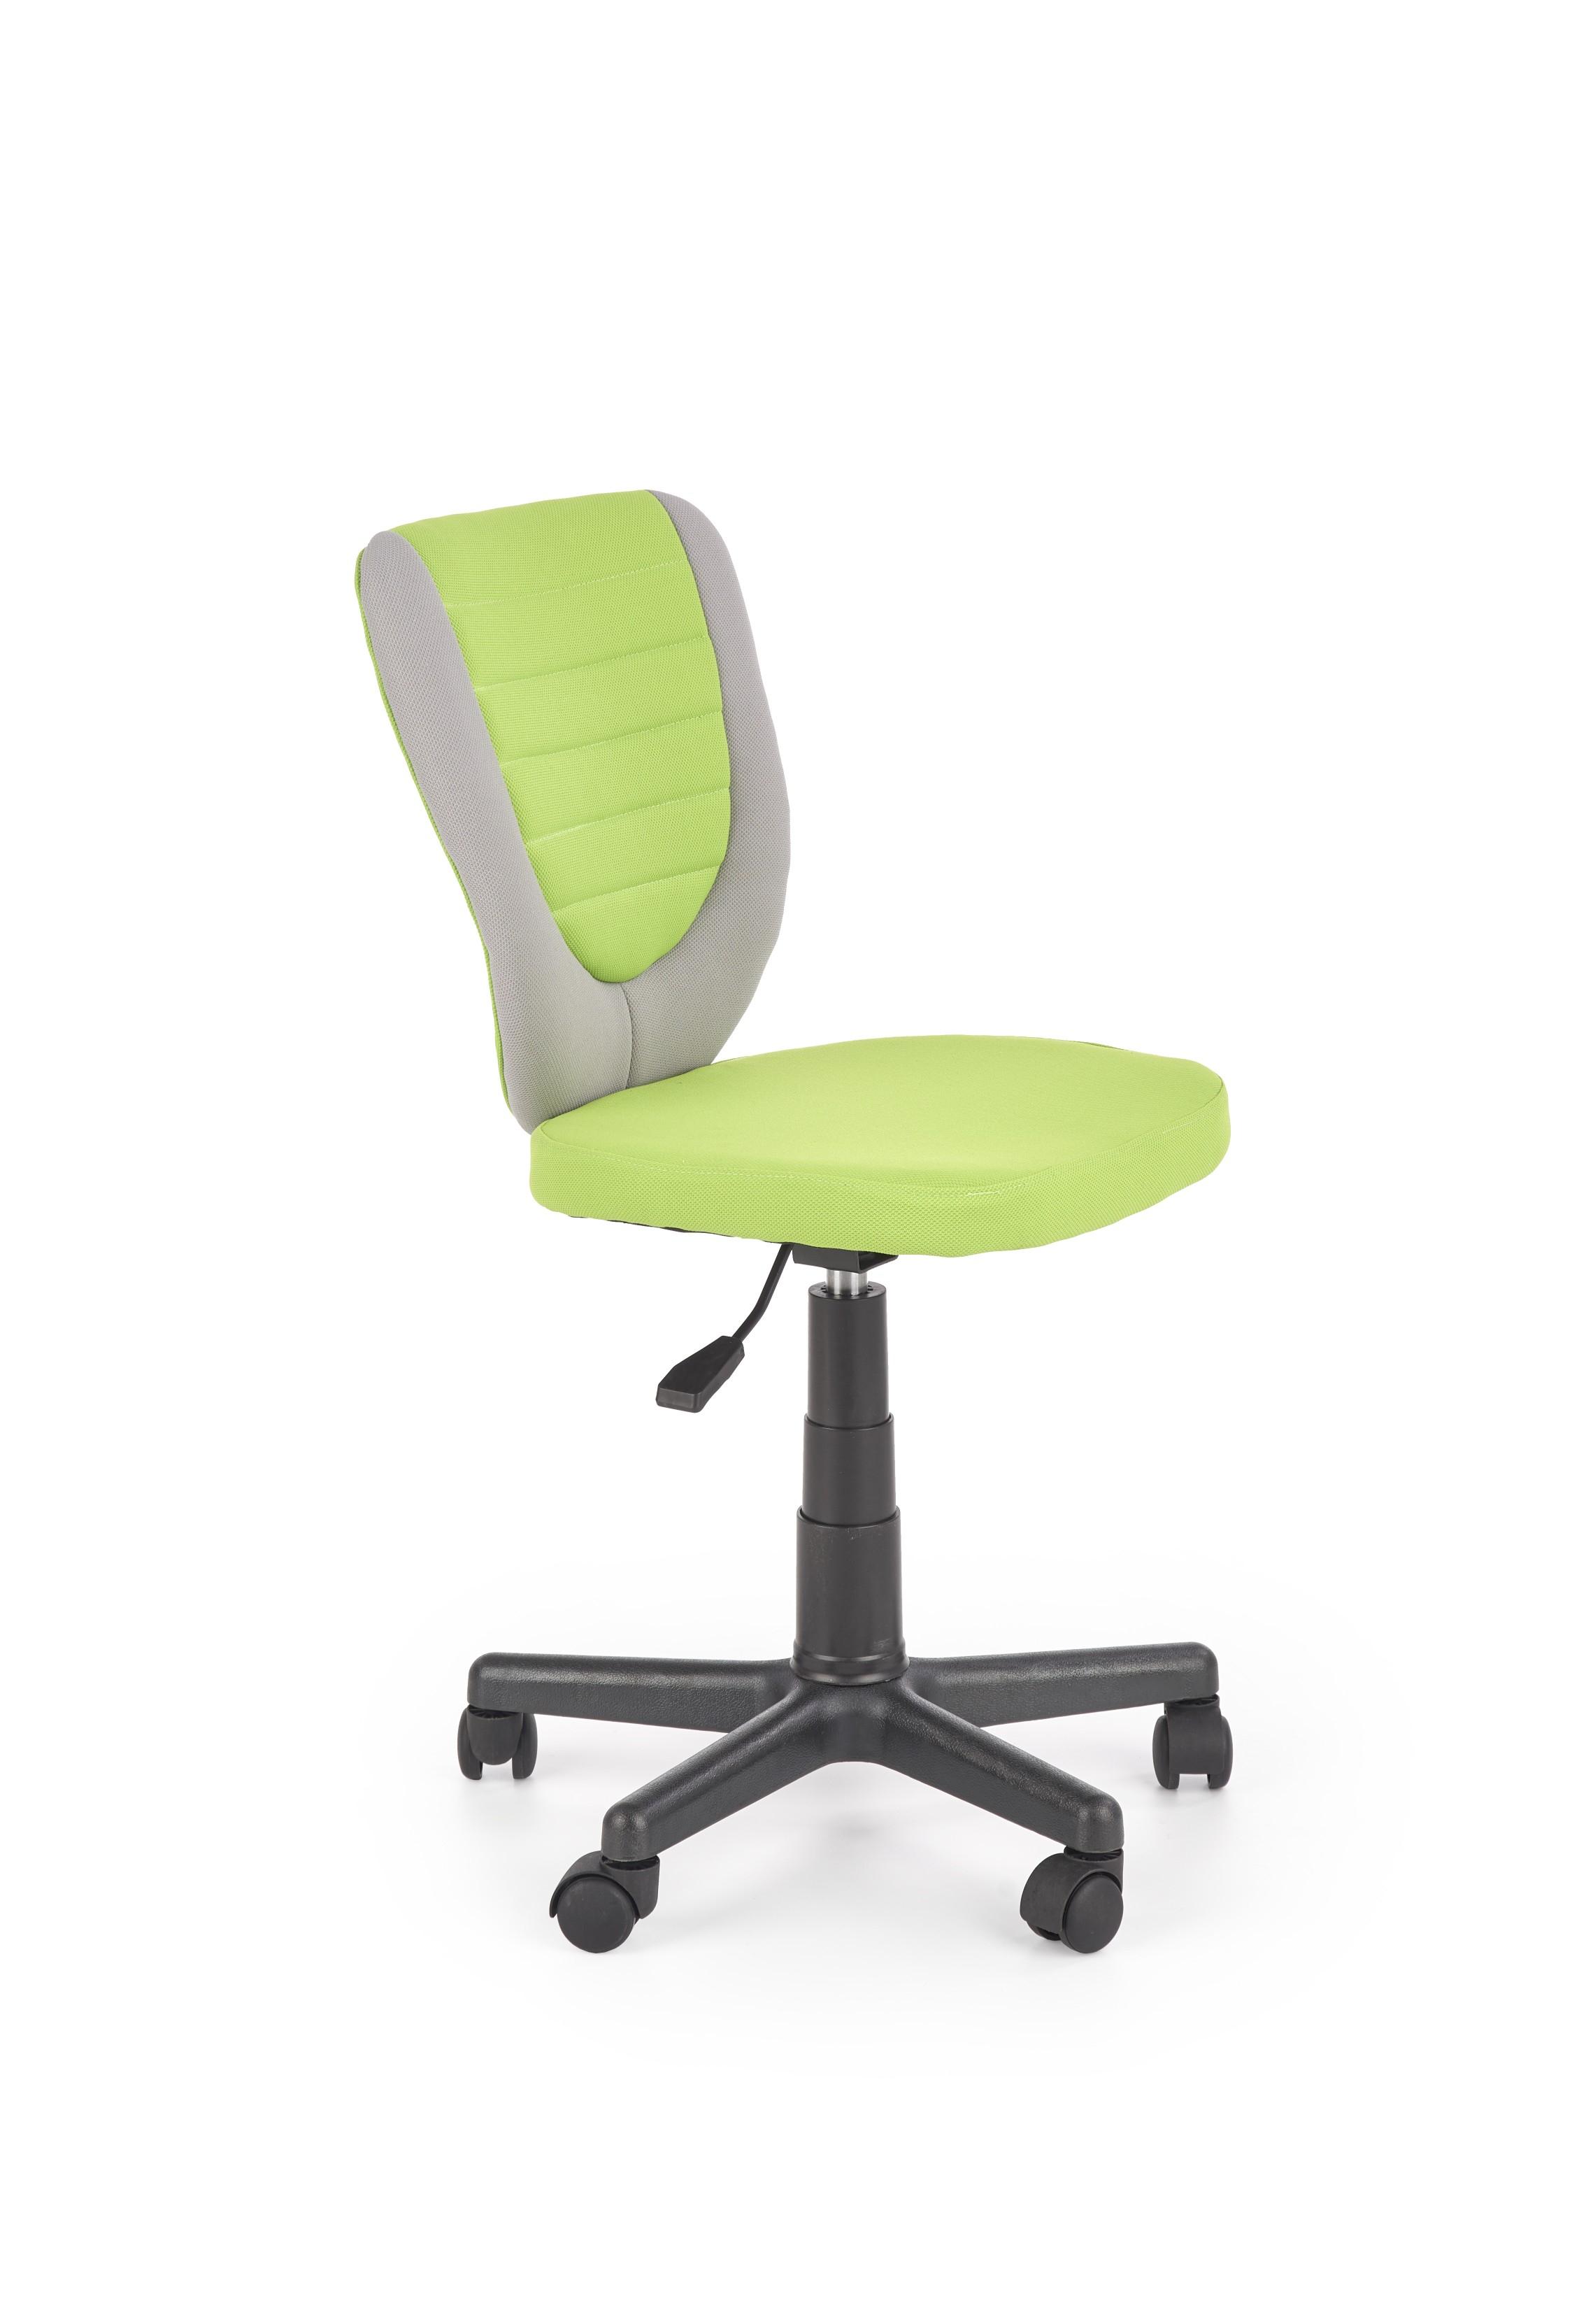 Krzesło obrotowe TOBY popielaty / zielony